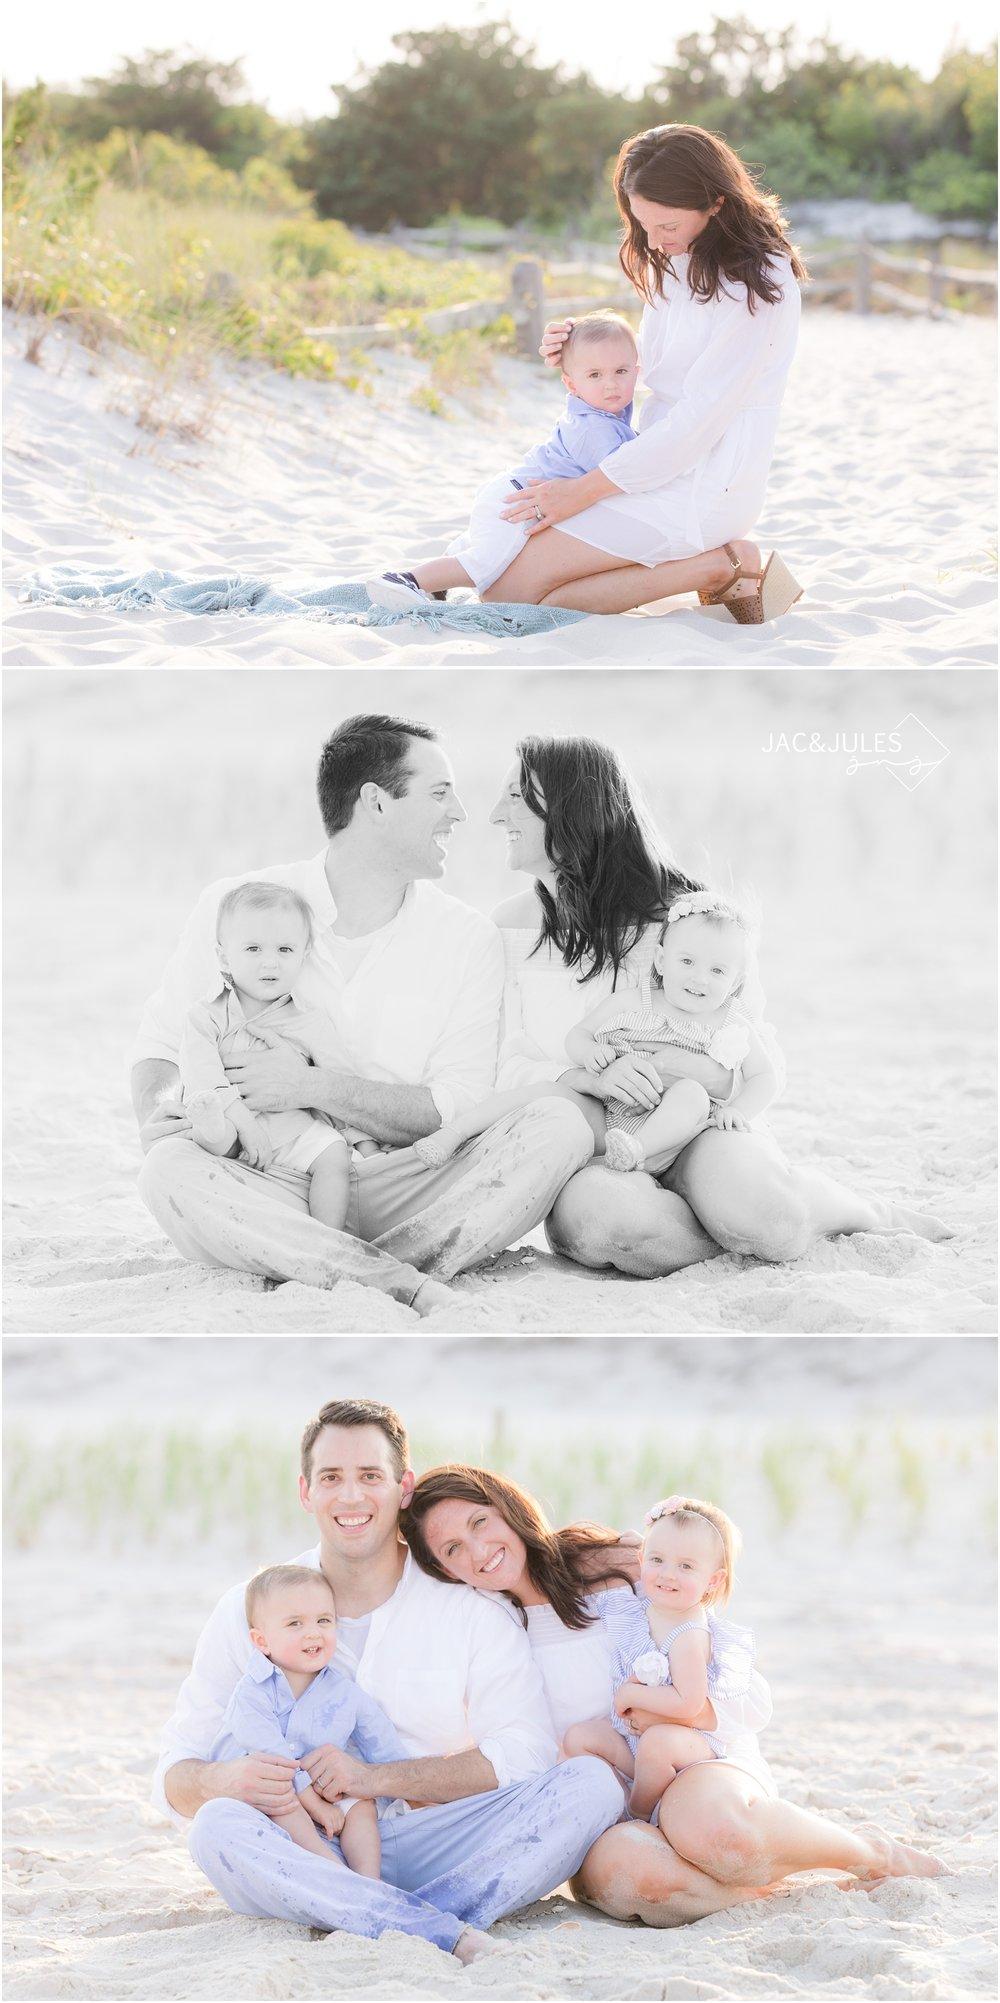 Family photos on the beach in Seaside Park, NJ.